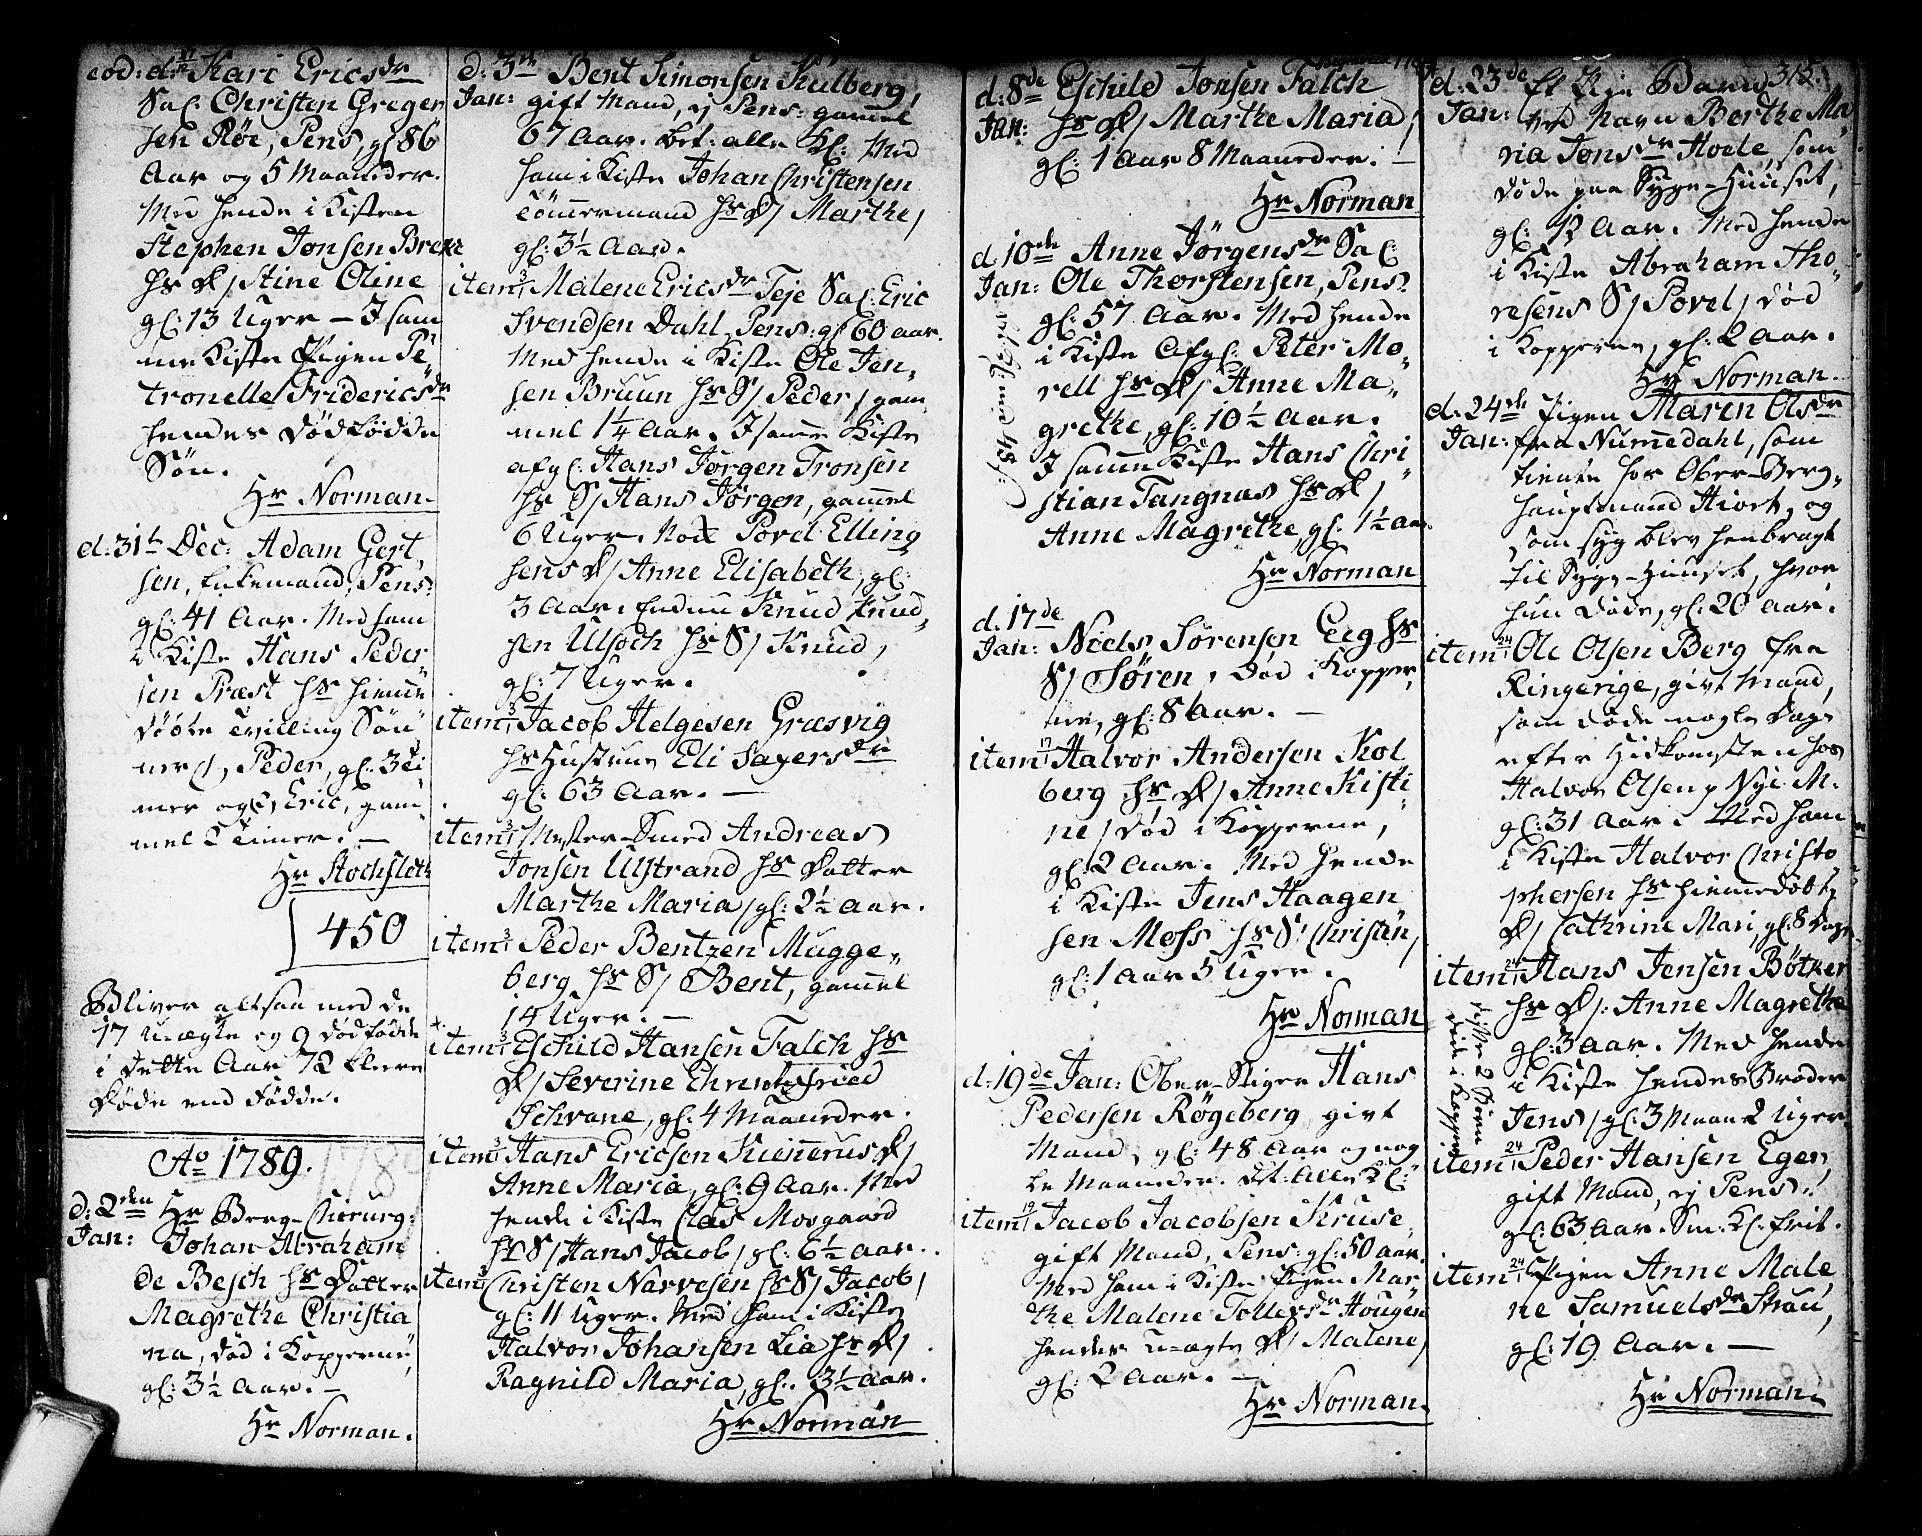 SAKO, Kongsberg kirkebøker, F/Fa/L0006: Ministerialbok nr. I 6, 1783-1797, s. 315